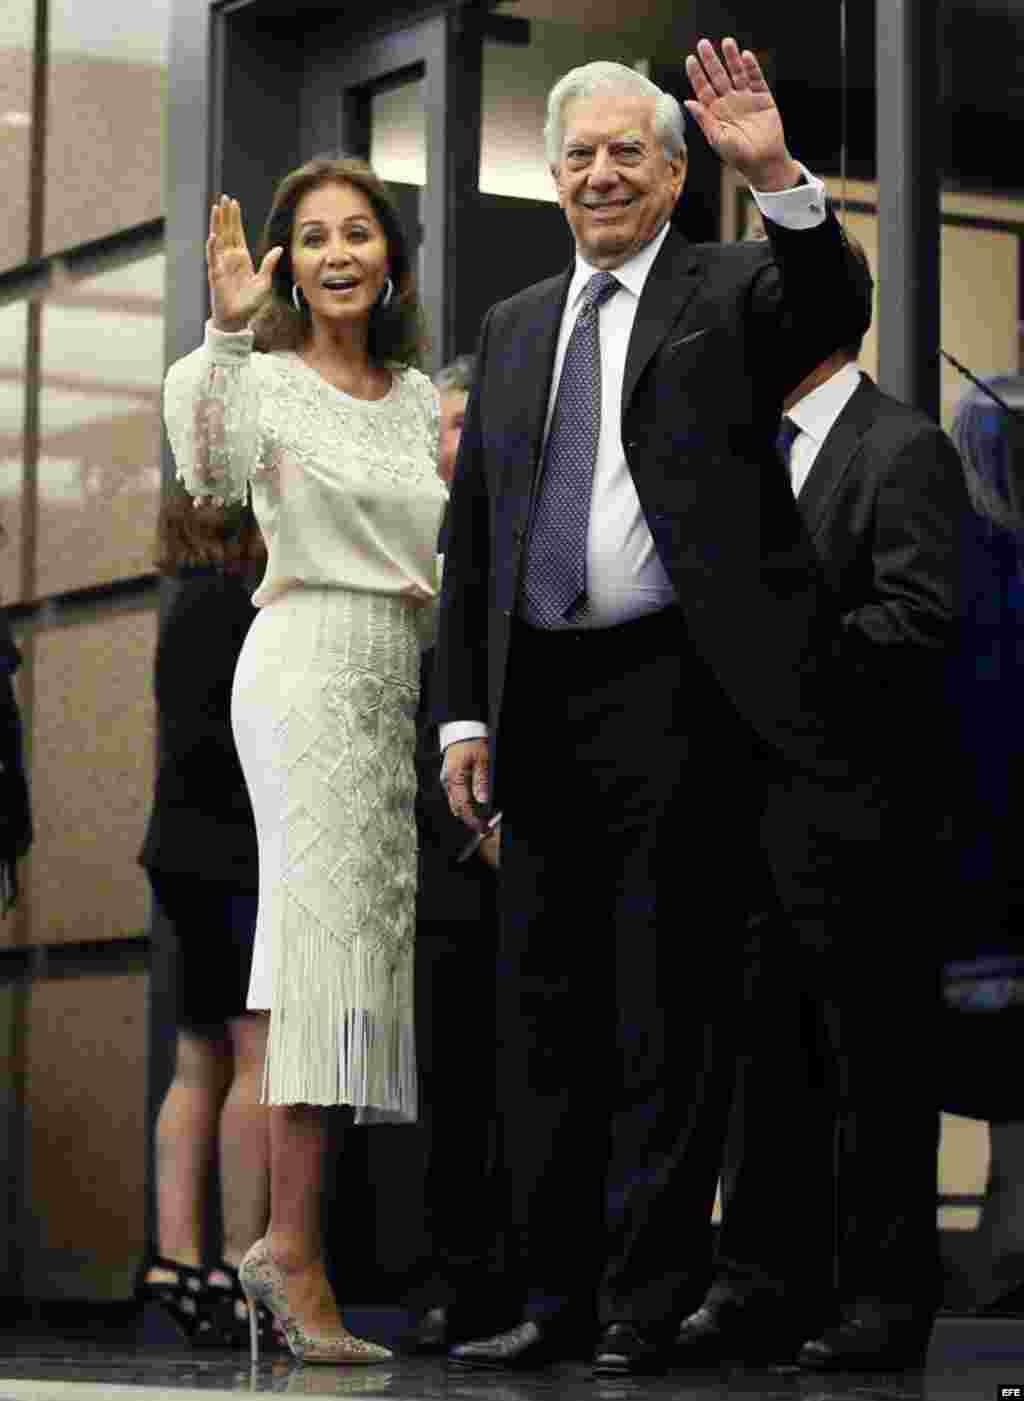 El escritor Mario Vargas Llosa y su pareja Isabel Preysler a su llegada a la cena con la que el escritor peruano y Premio Nobel de Literatura celebró su 80 cumpleaños.